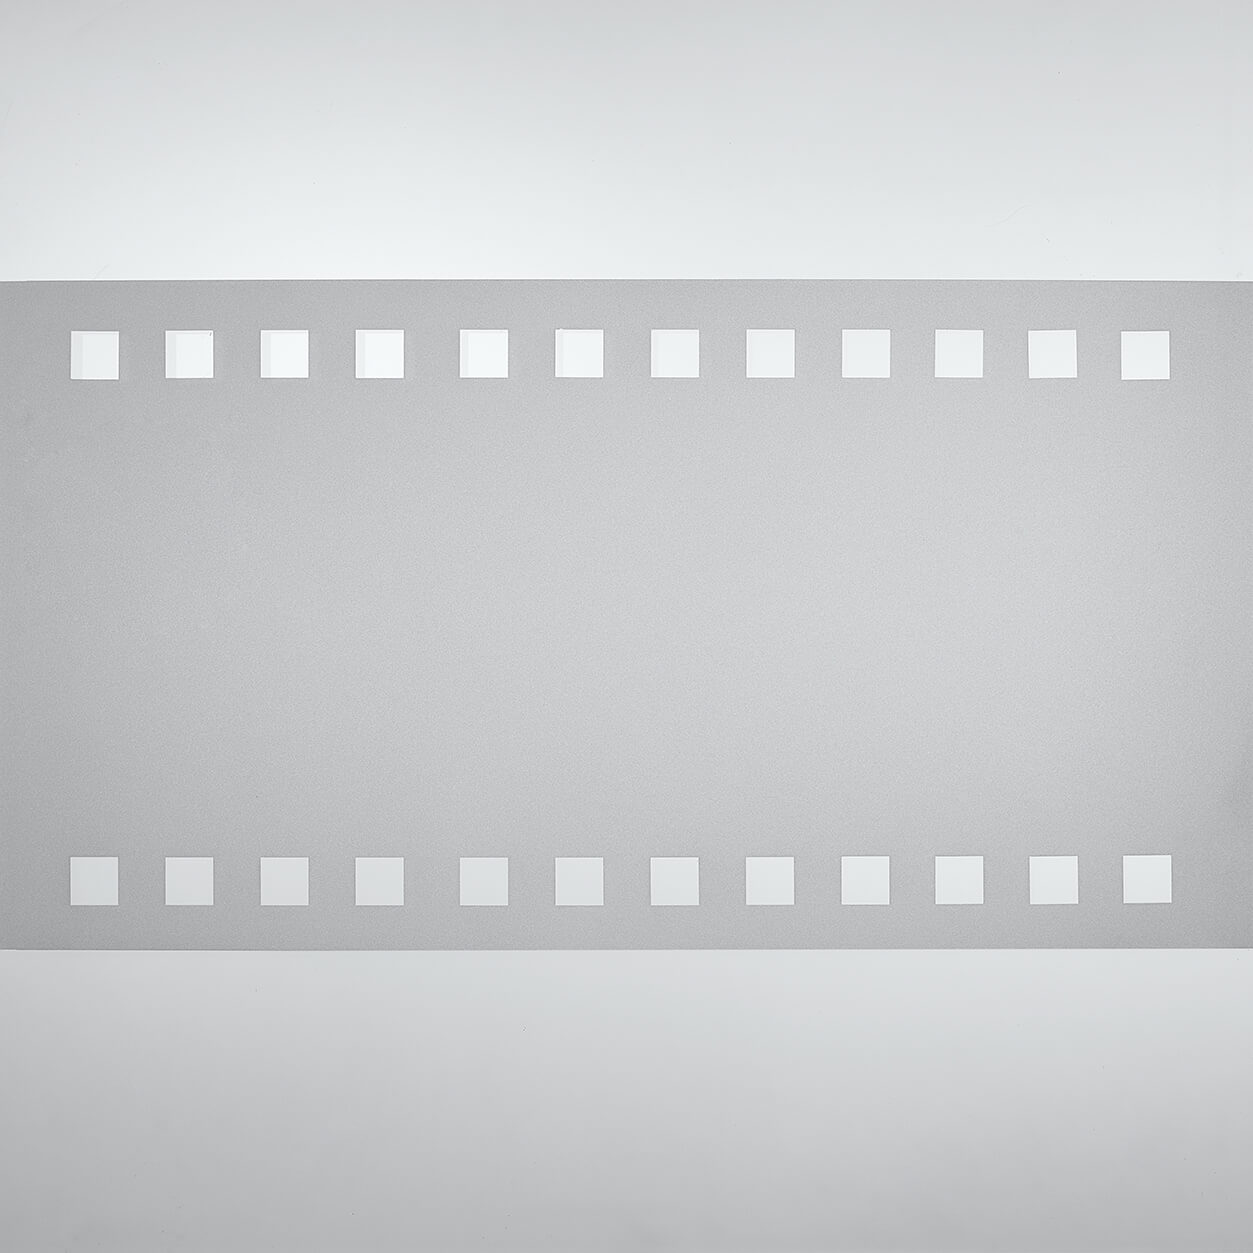 serigrafia-standard-vs-filme